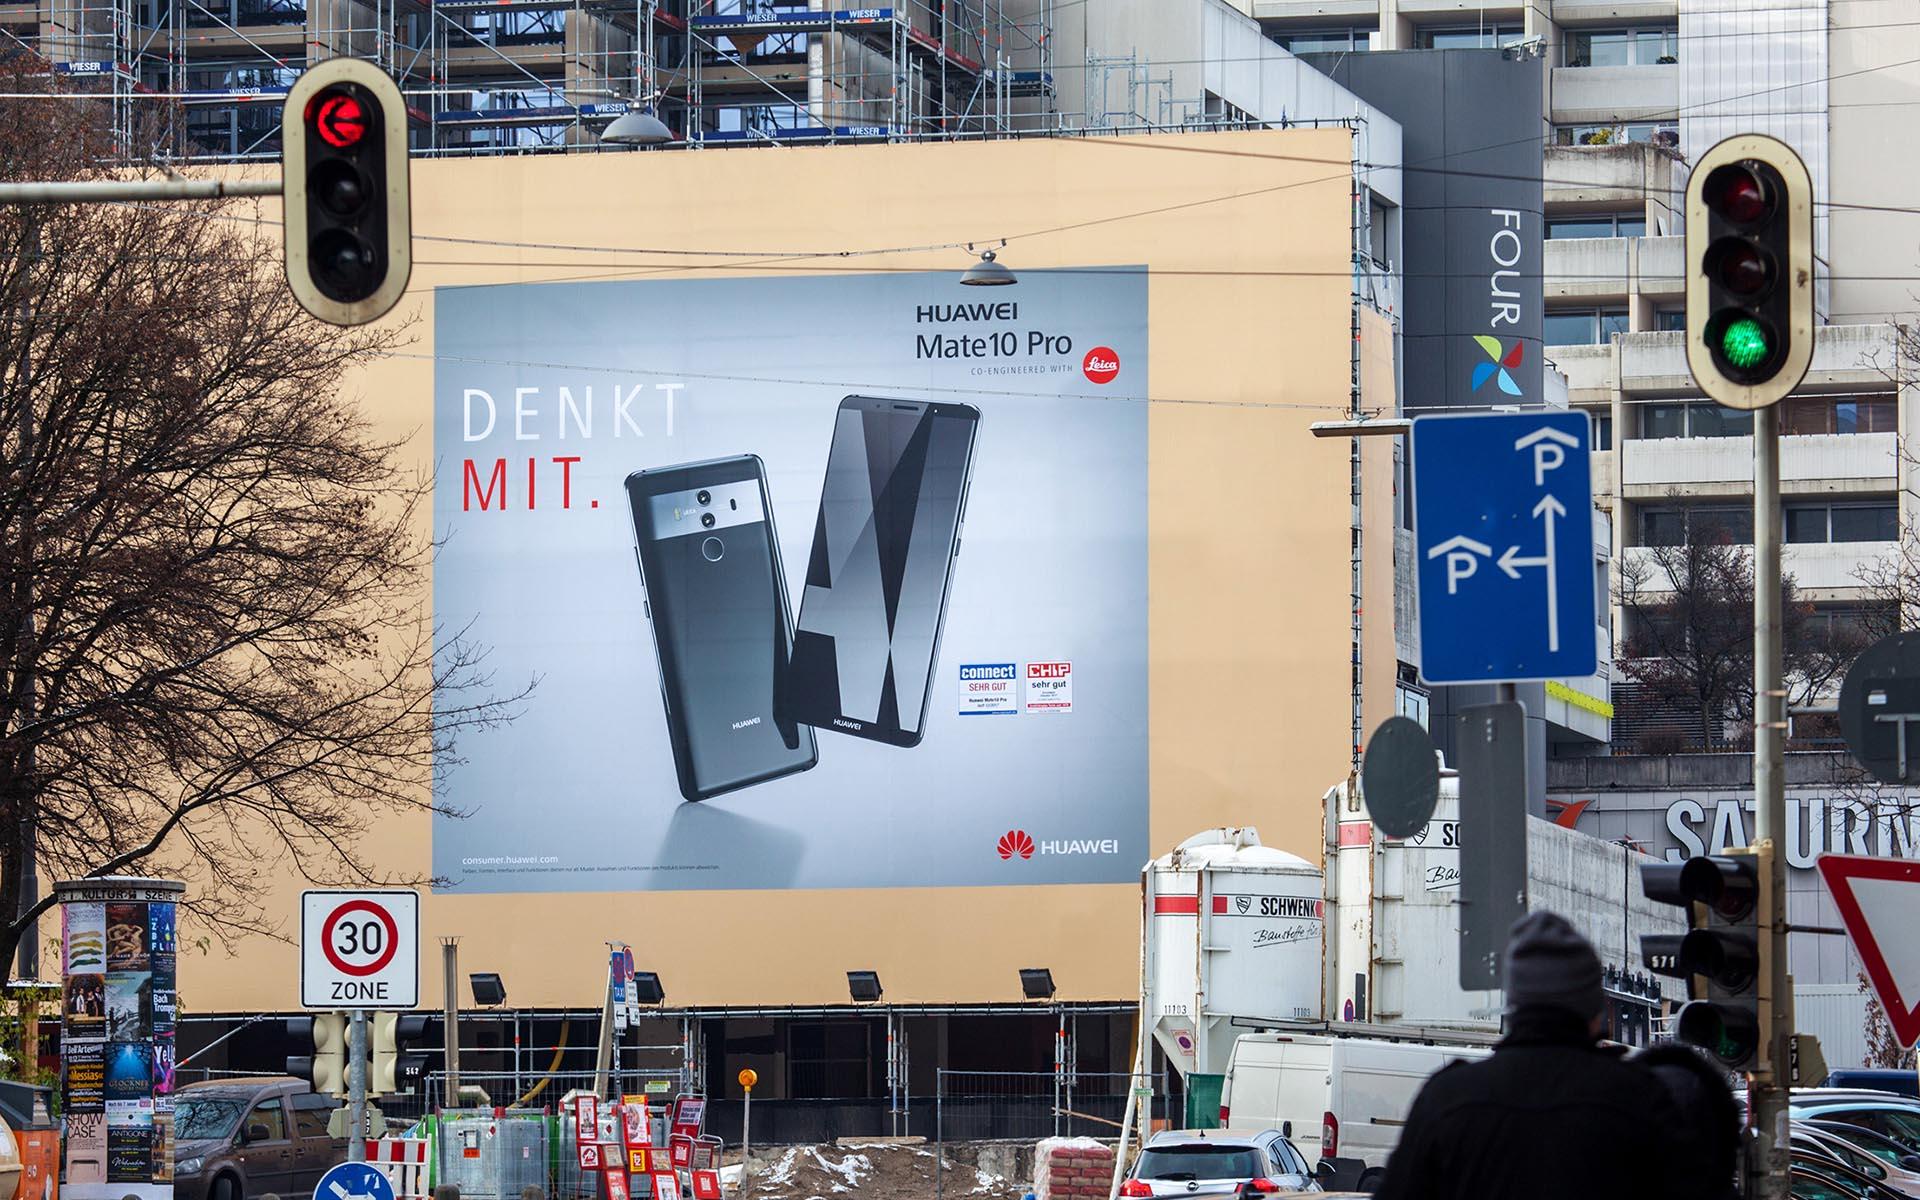 Riesenposter für Huawei in München